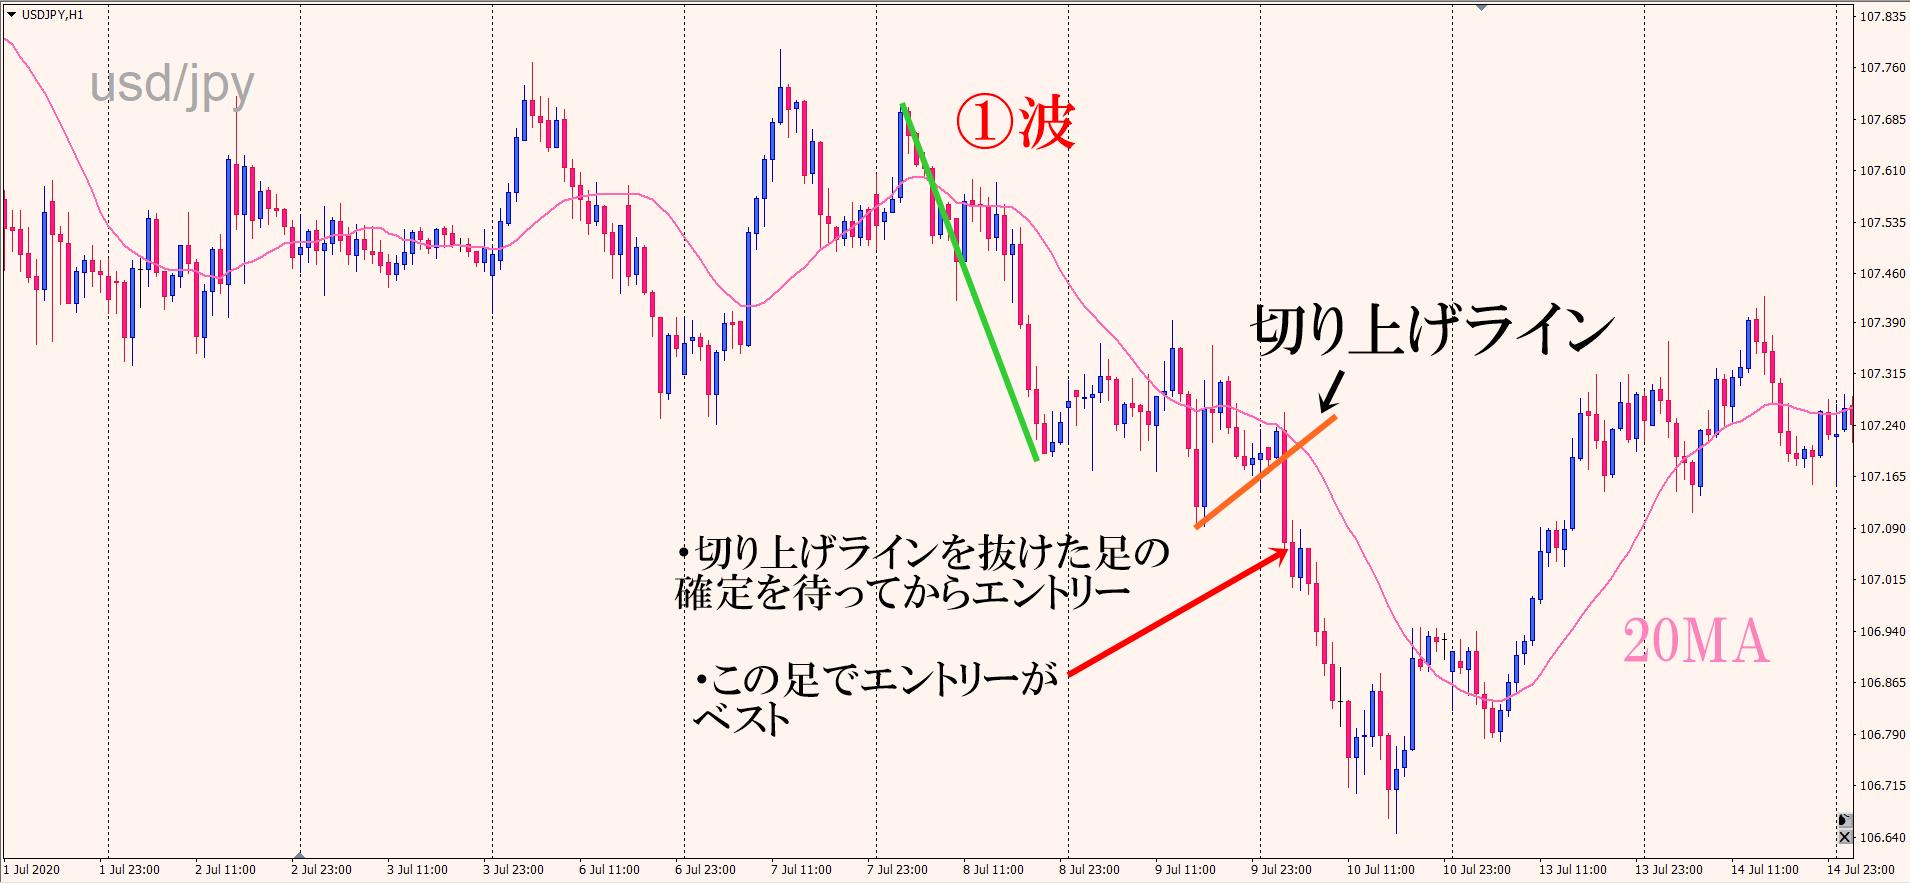 ドル円 ダウントレンド エントリー